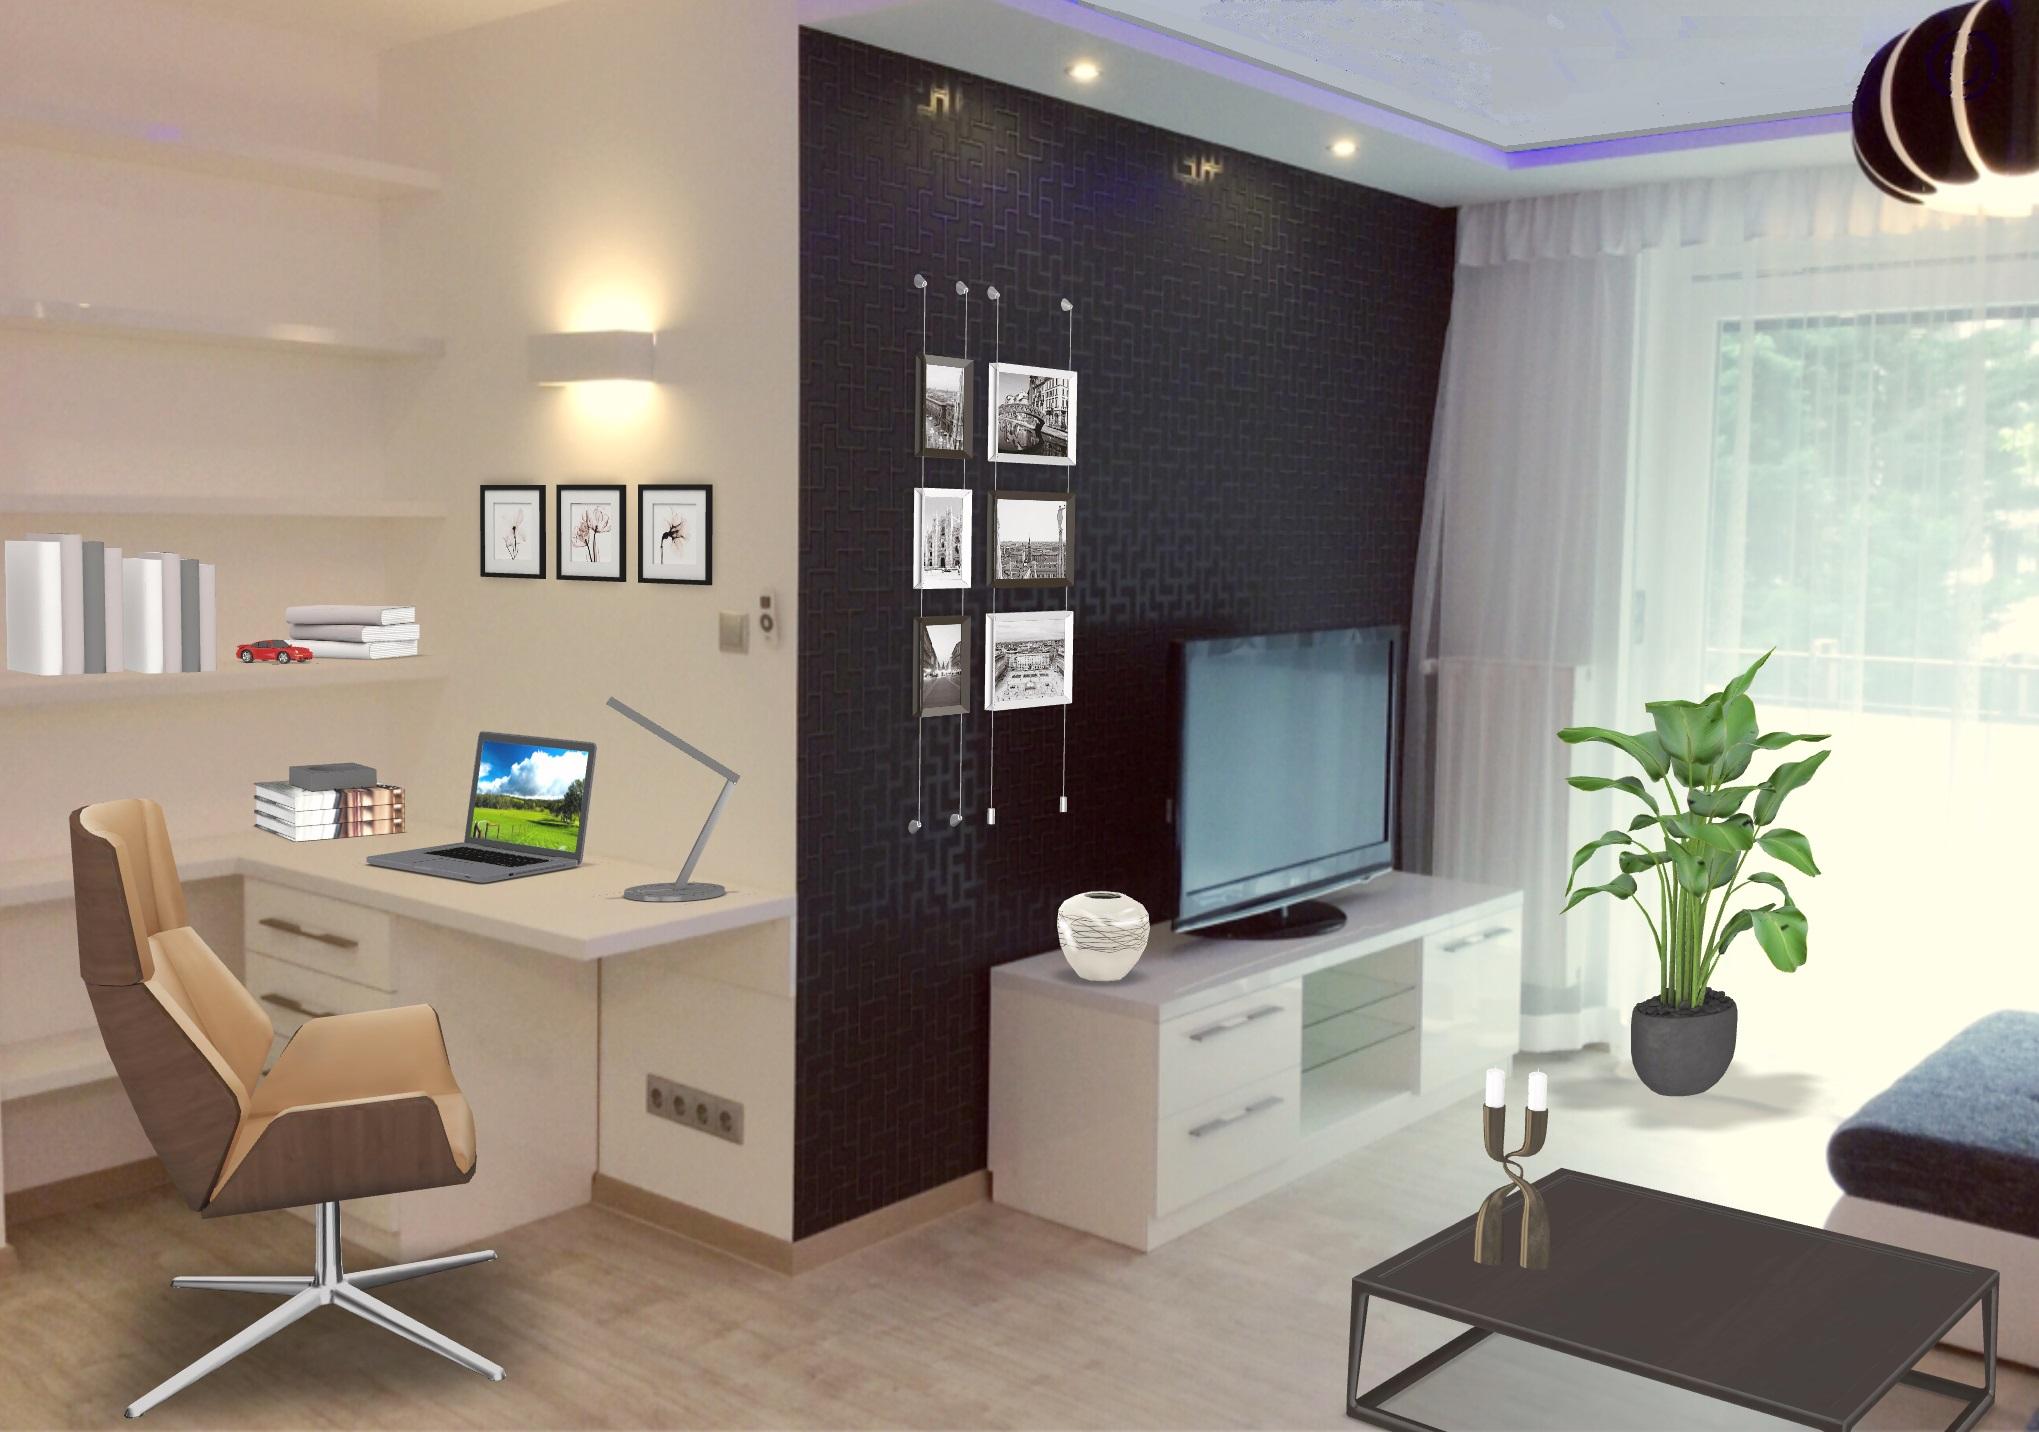 Nappali és home office